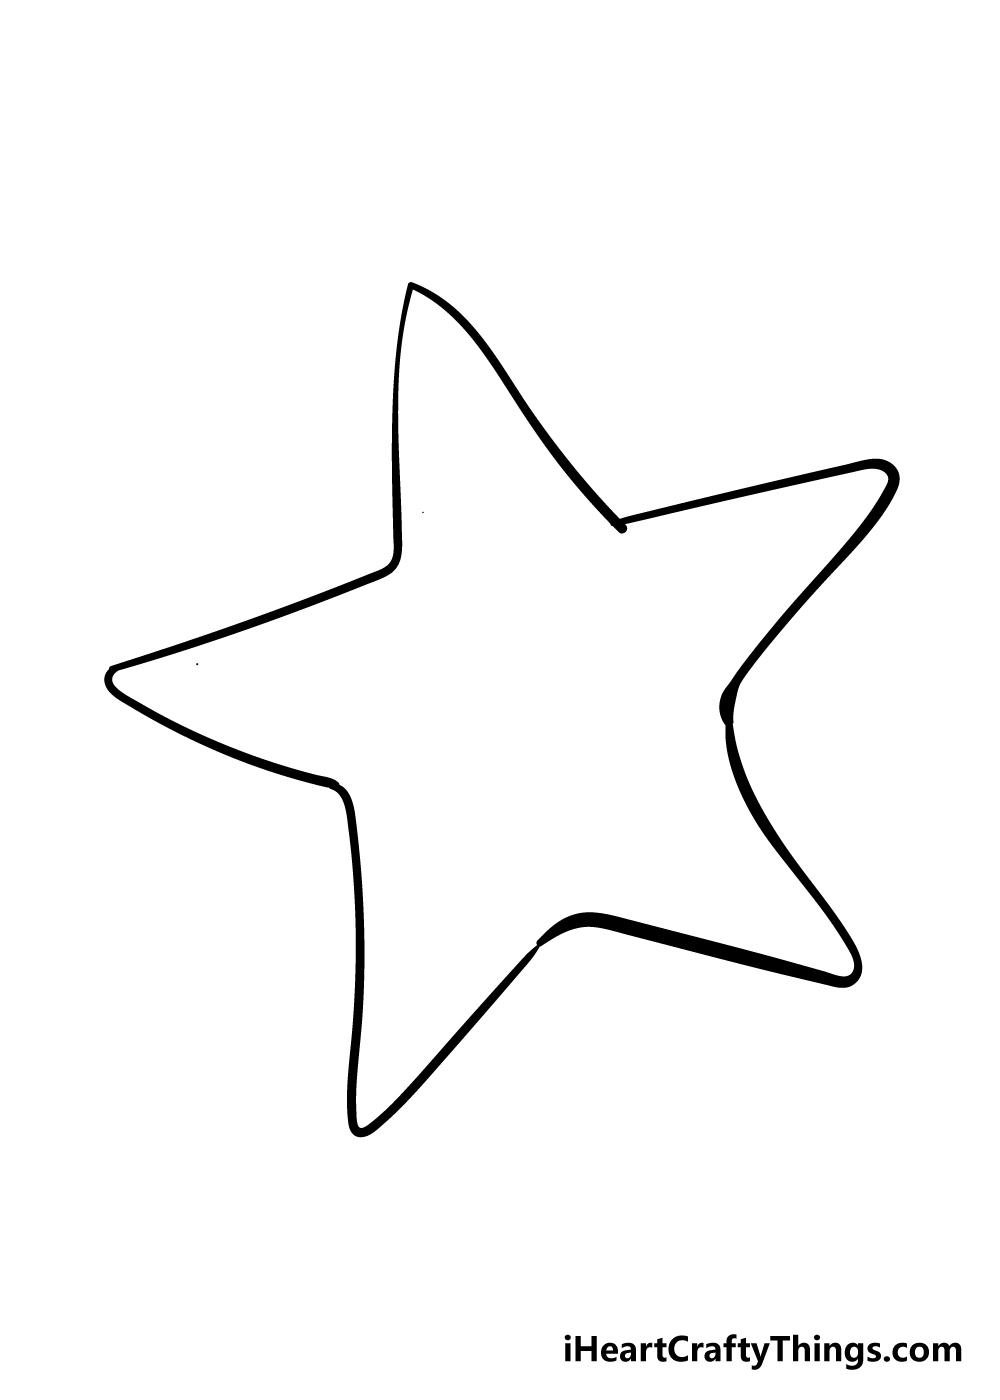 vẽ một con sao biển bước 3